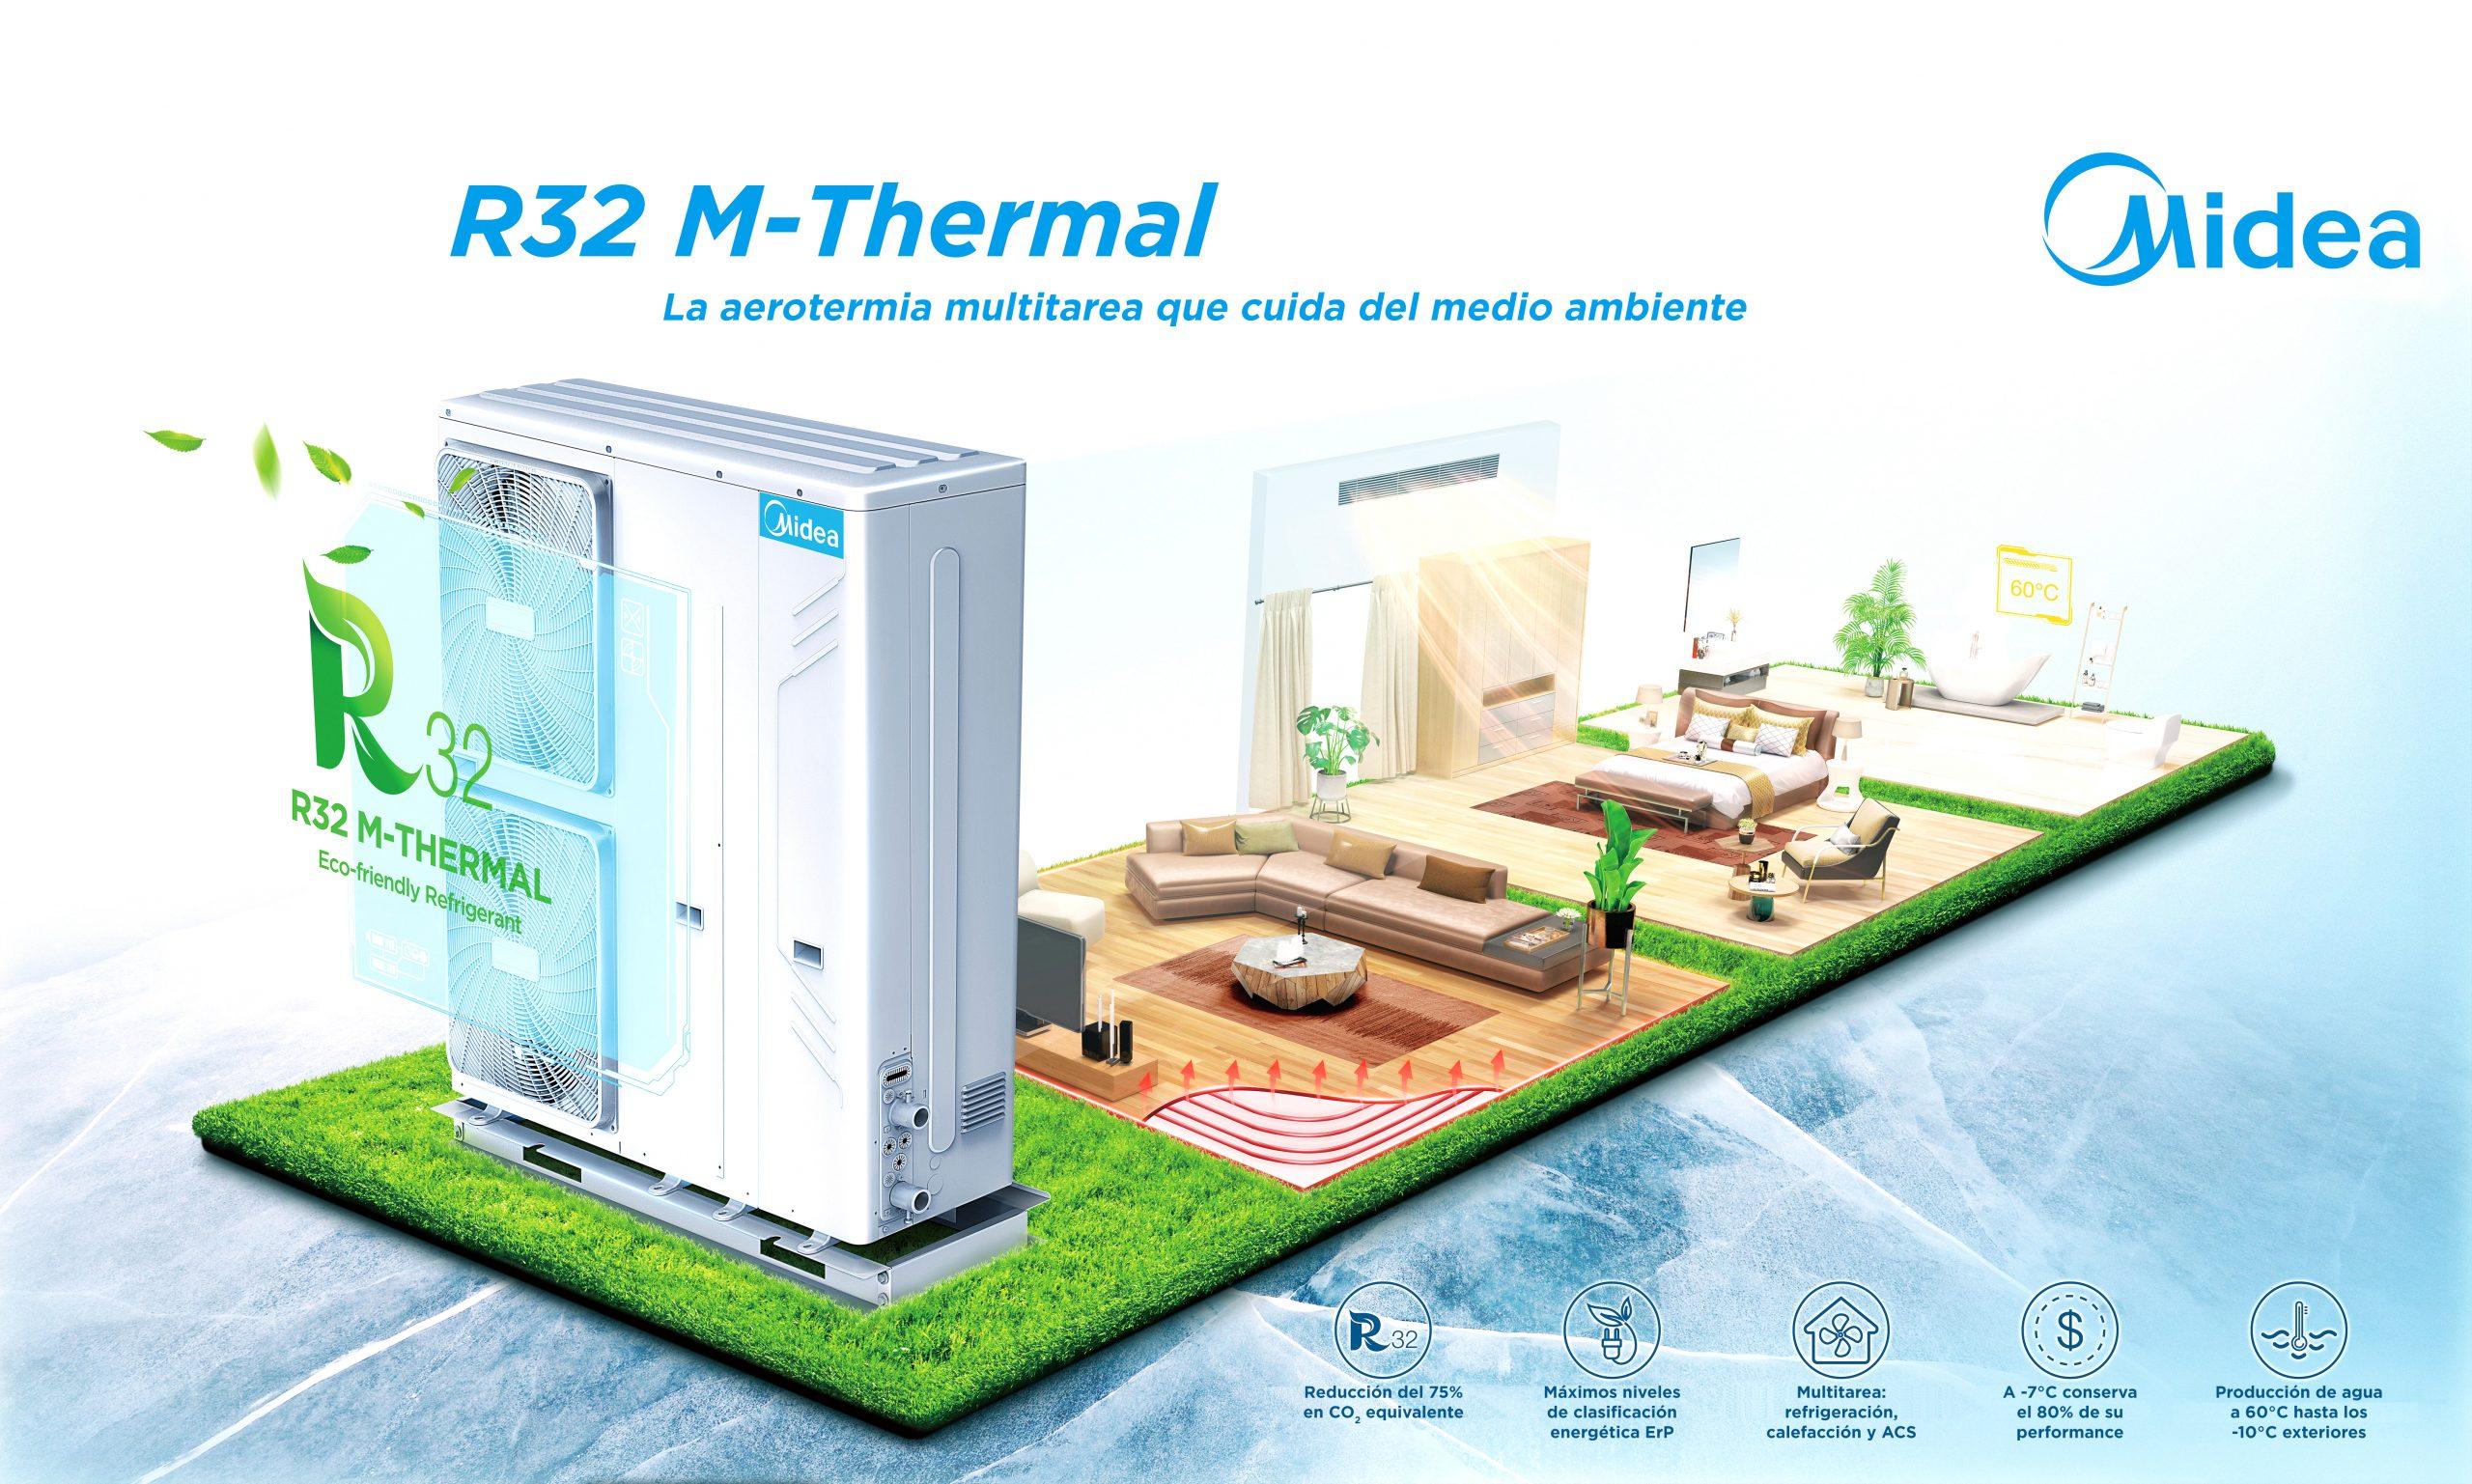 Midea presenta su nueva gama de aerotermia M-Thermal R-32